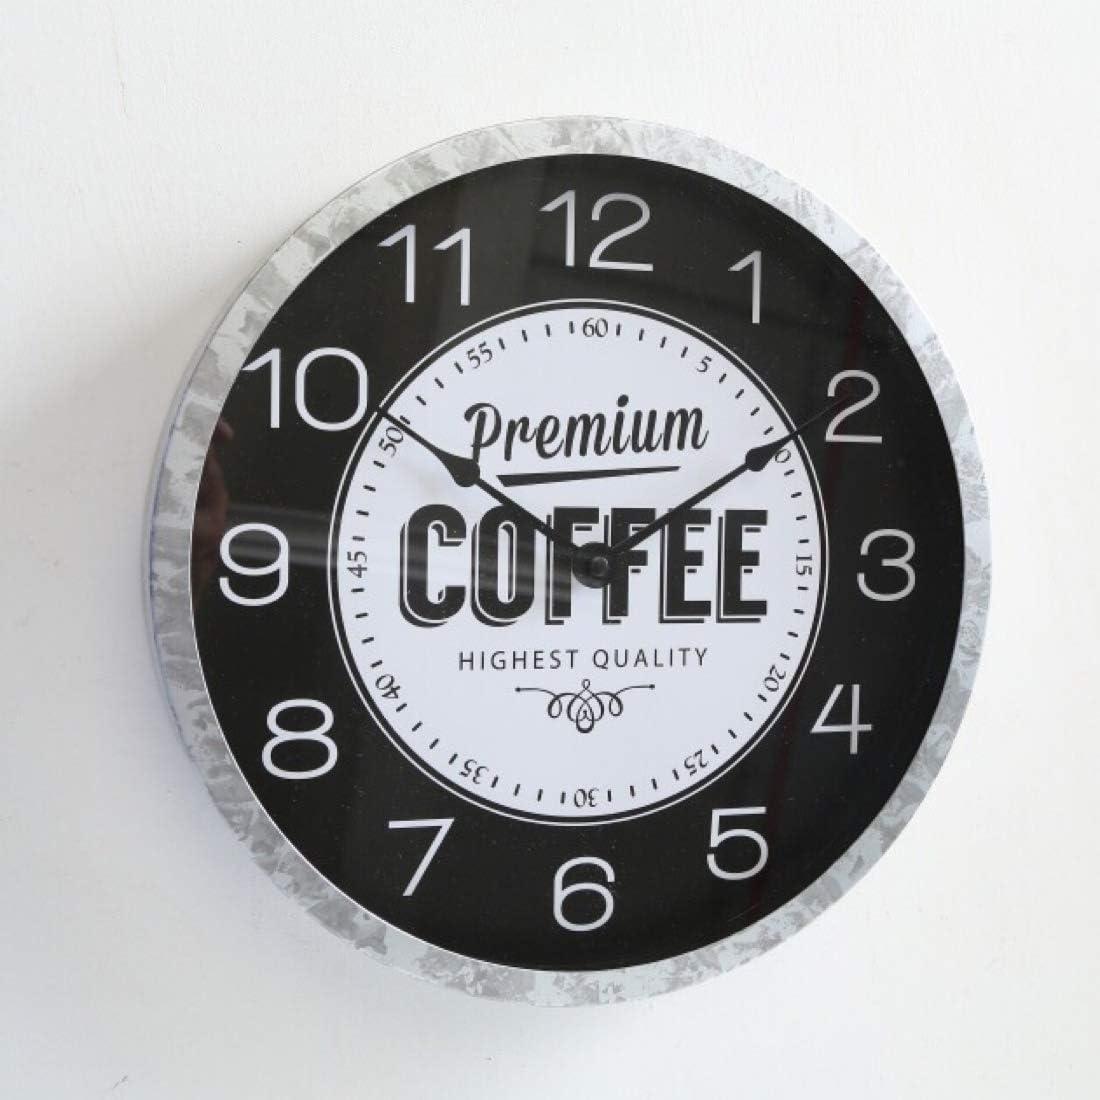 B.H.C. Reloj de pared redondo grande en estilo vintage, modelo: café premium, material hierro y madera, diámetro 30 cm, color blanco y negro.